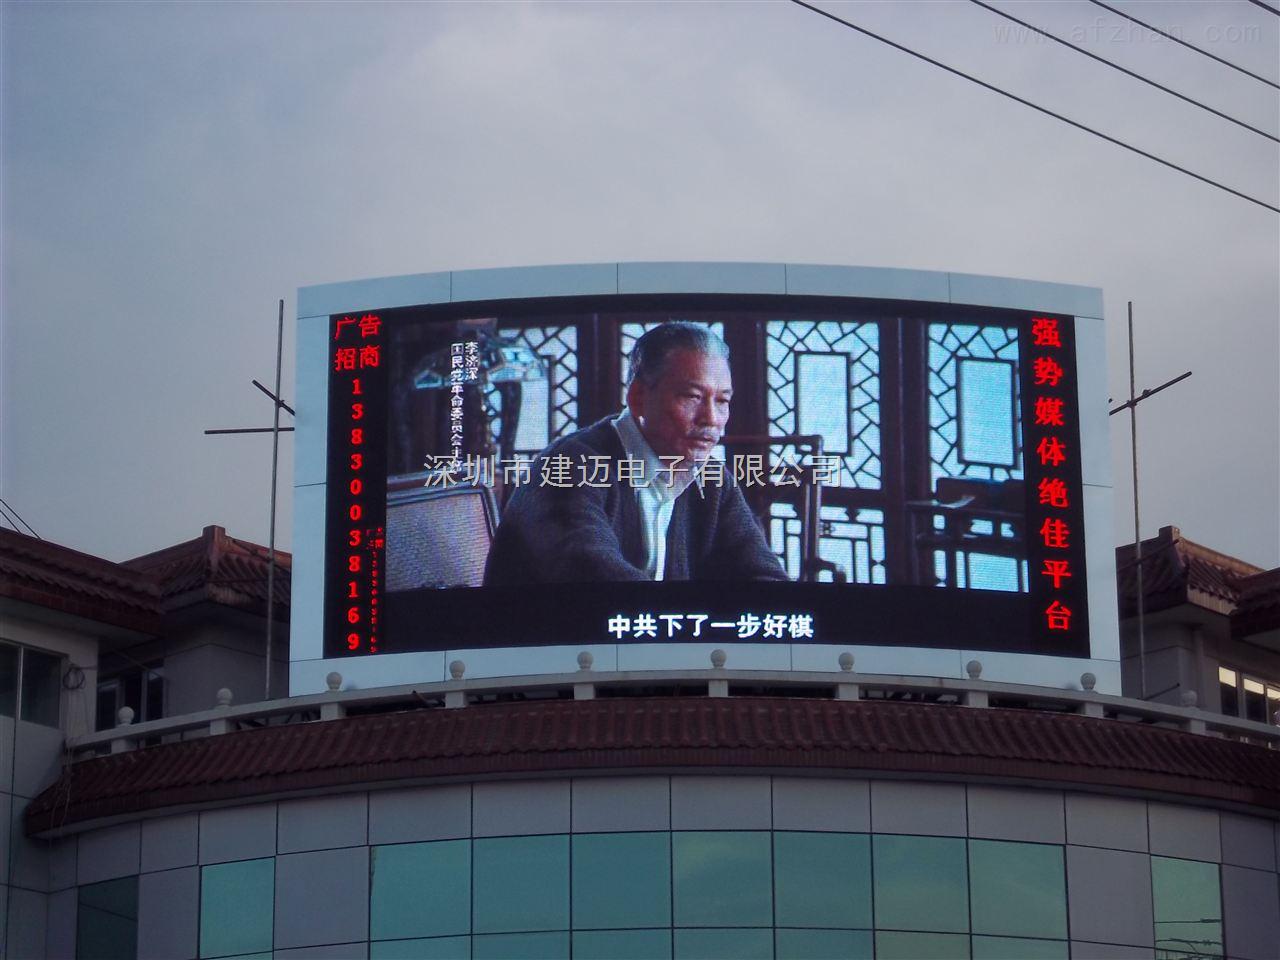 【led显示屏大屏幕】